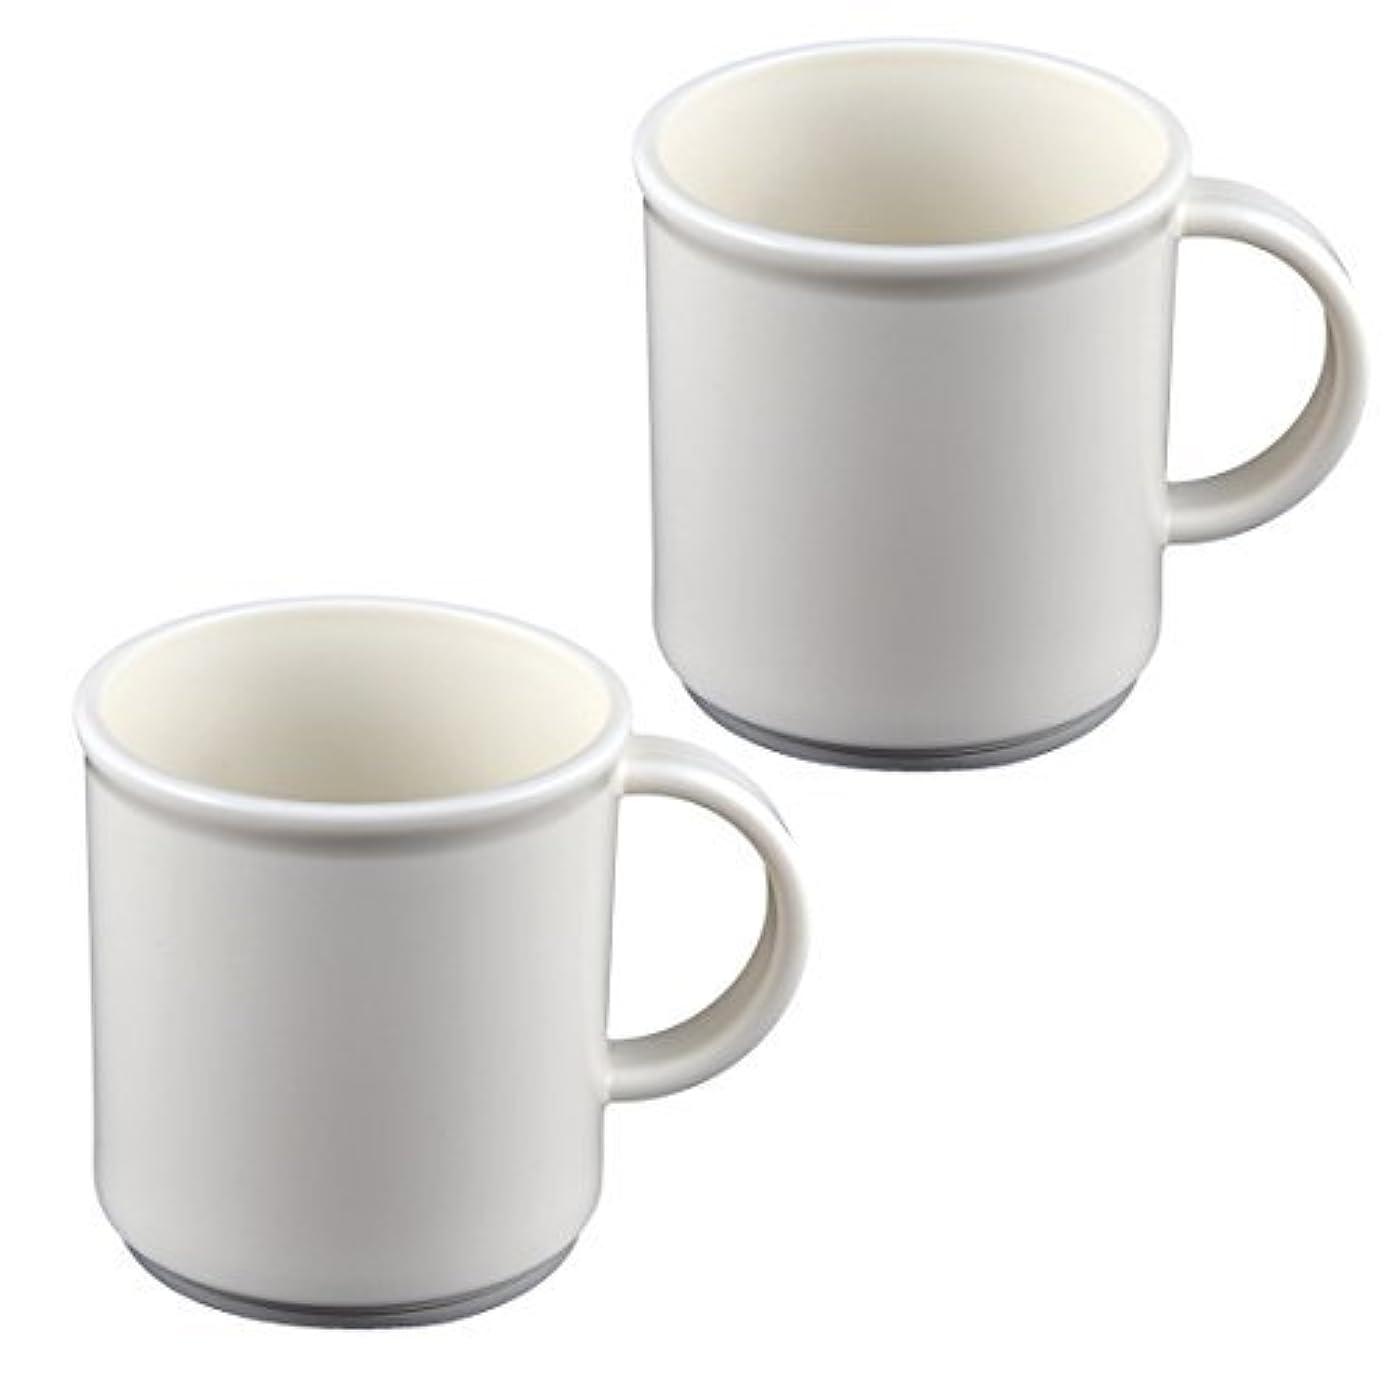 敵意湿原実現可能DealMuxバスアクセサリーブラシカップ歯ブラシ歯磨き粉ホルダー2個ホワイト